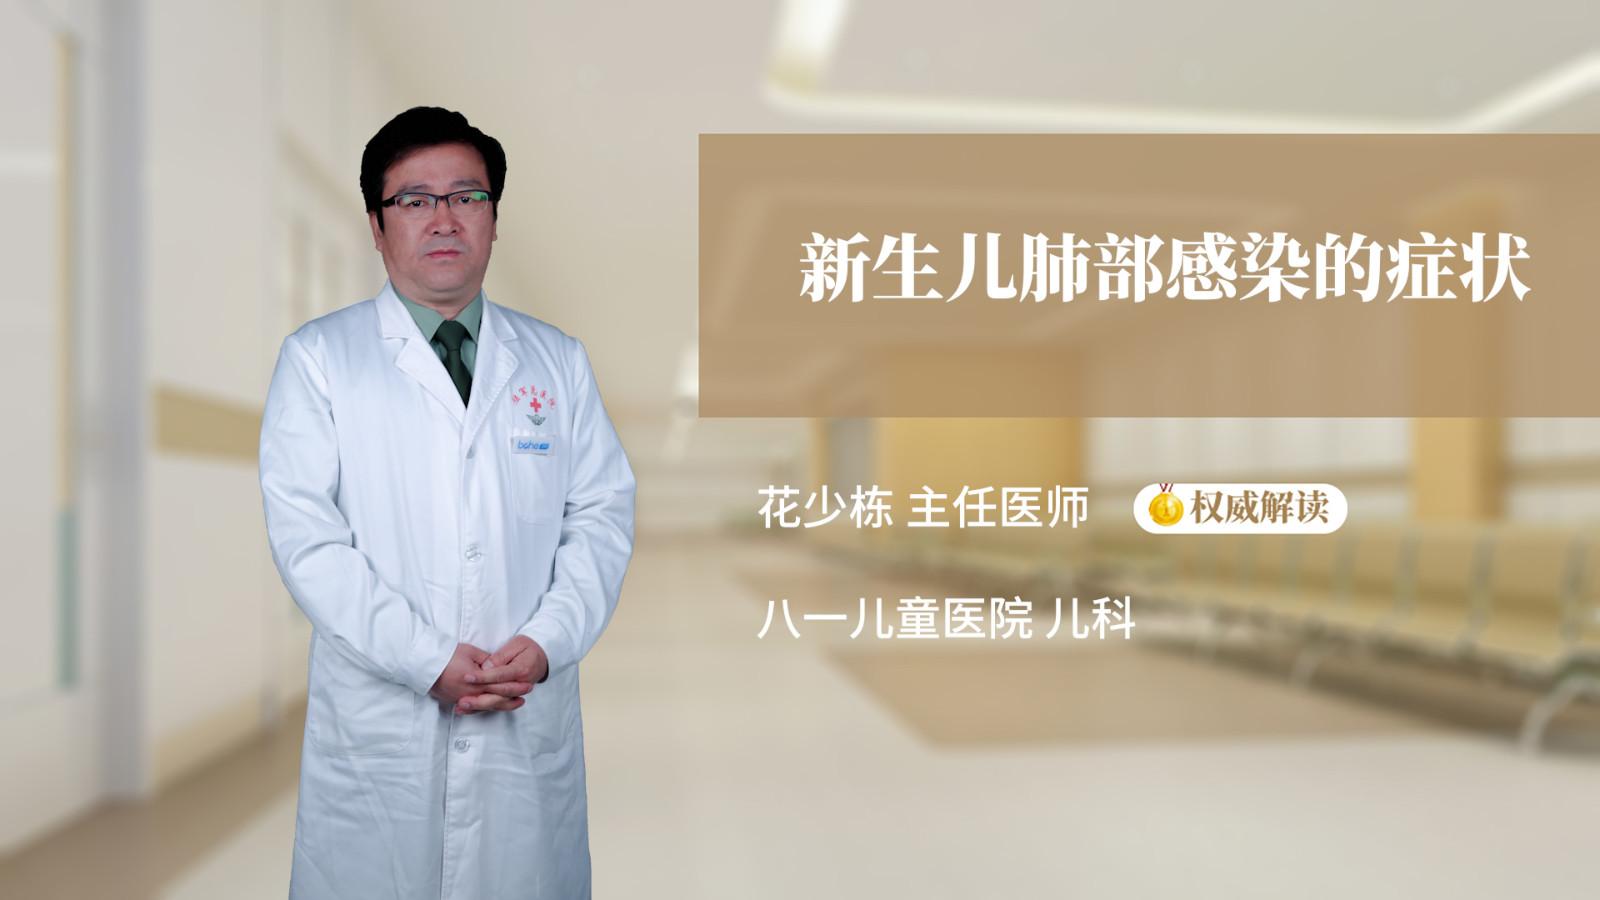 新生儿肺部感染的症状